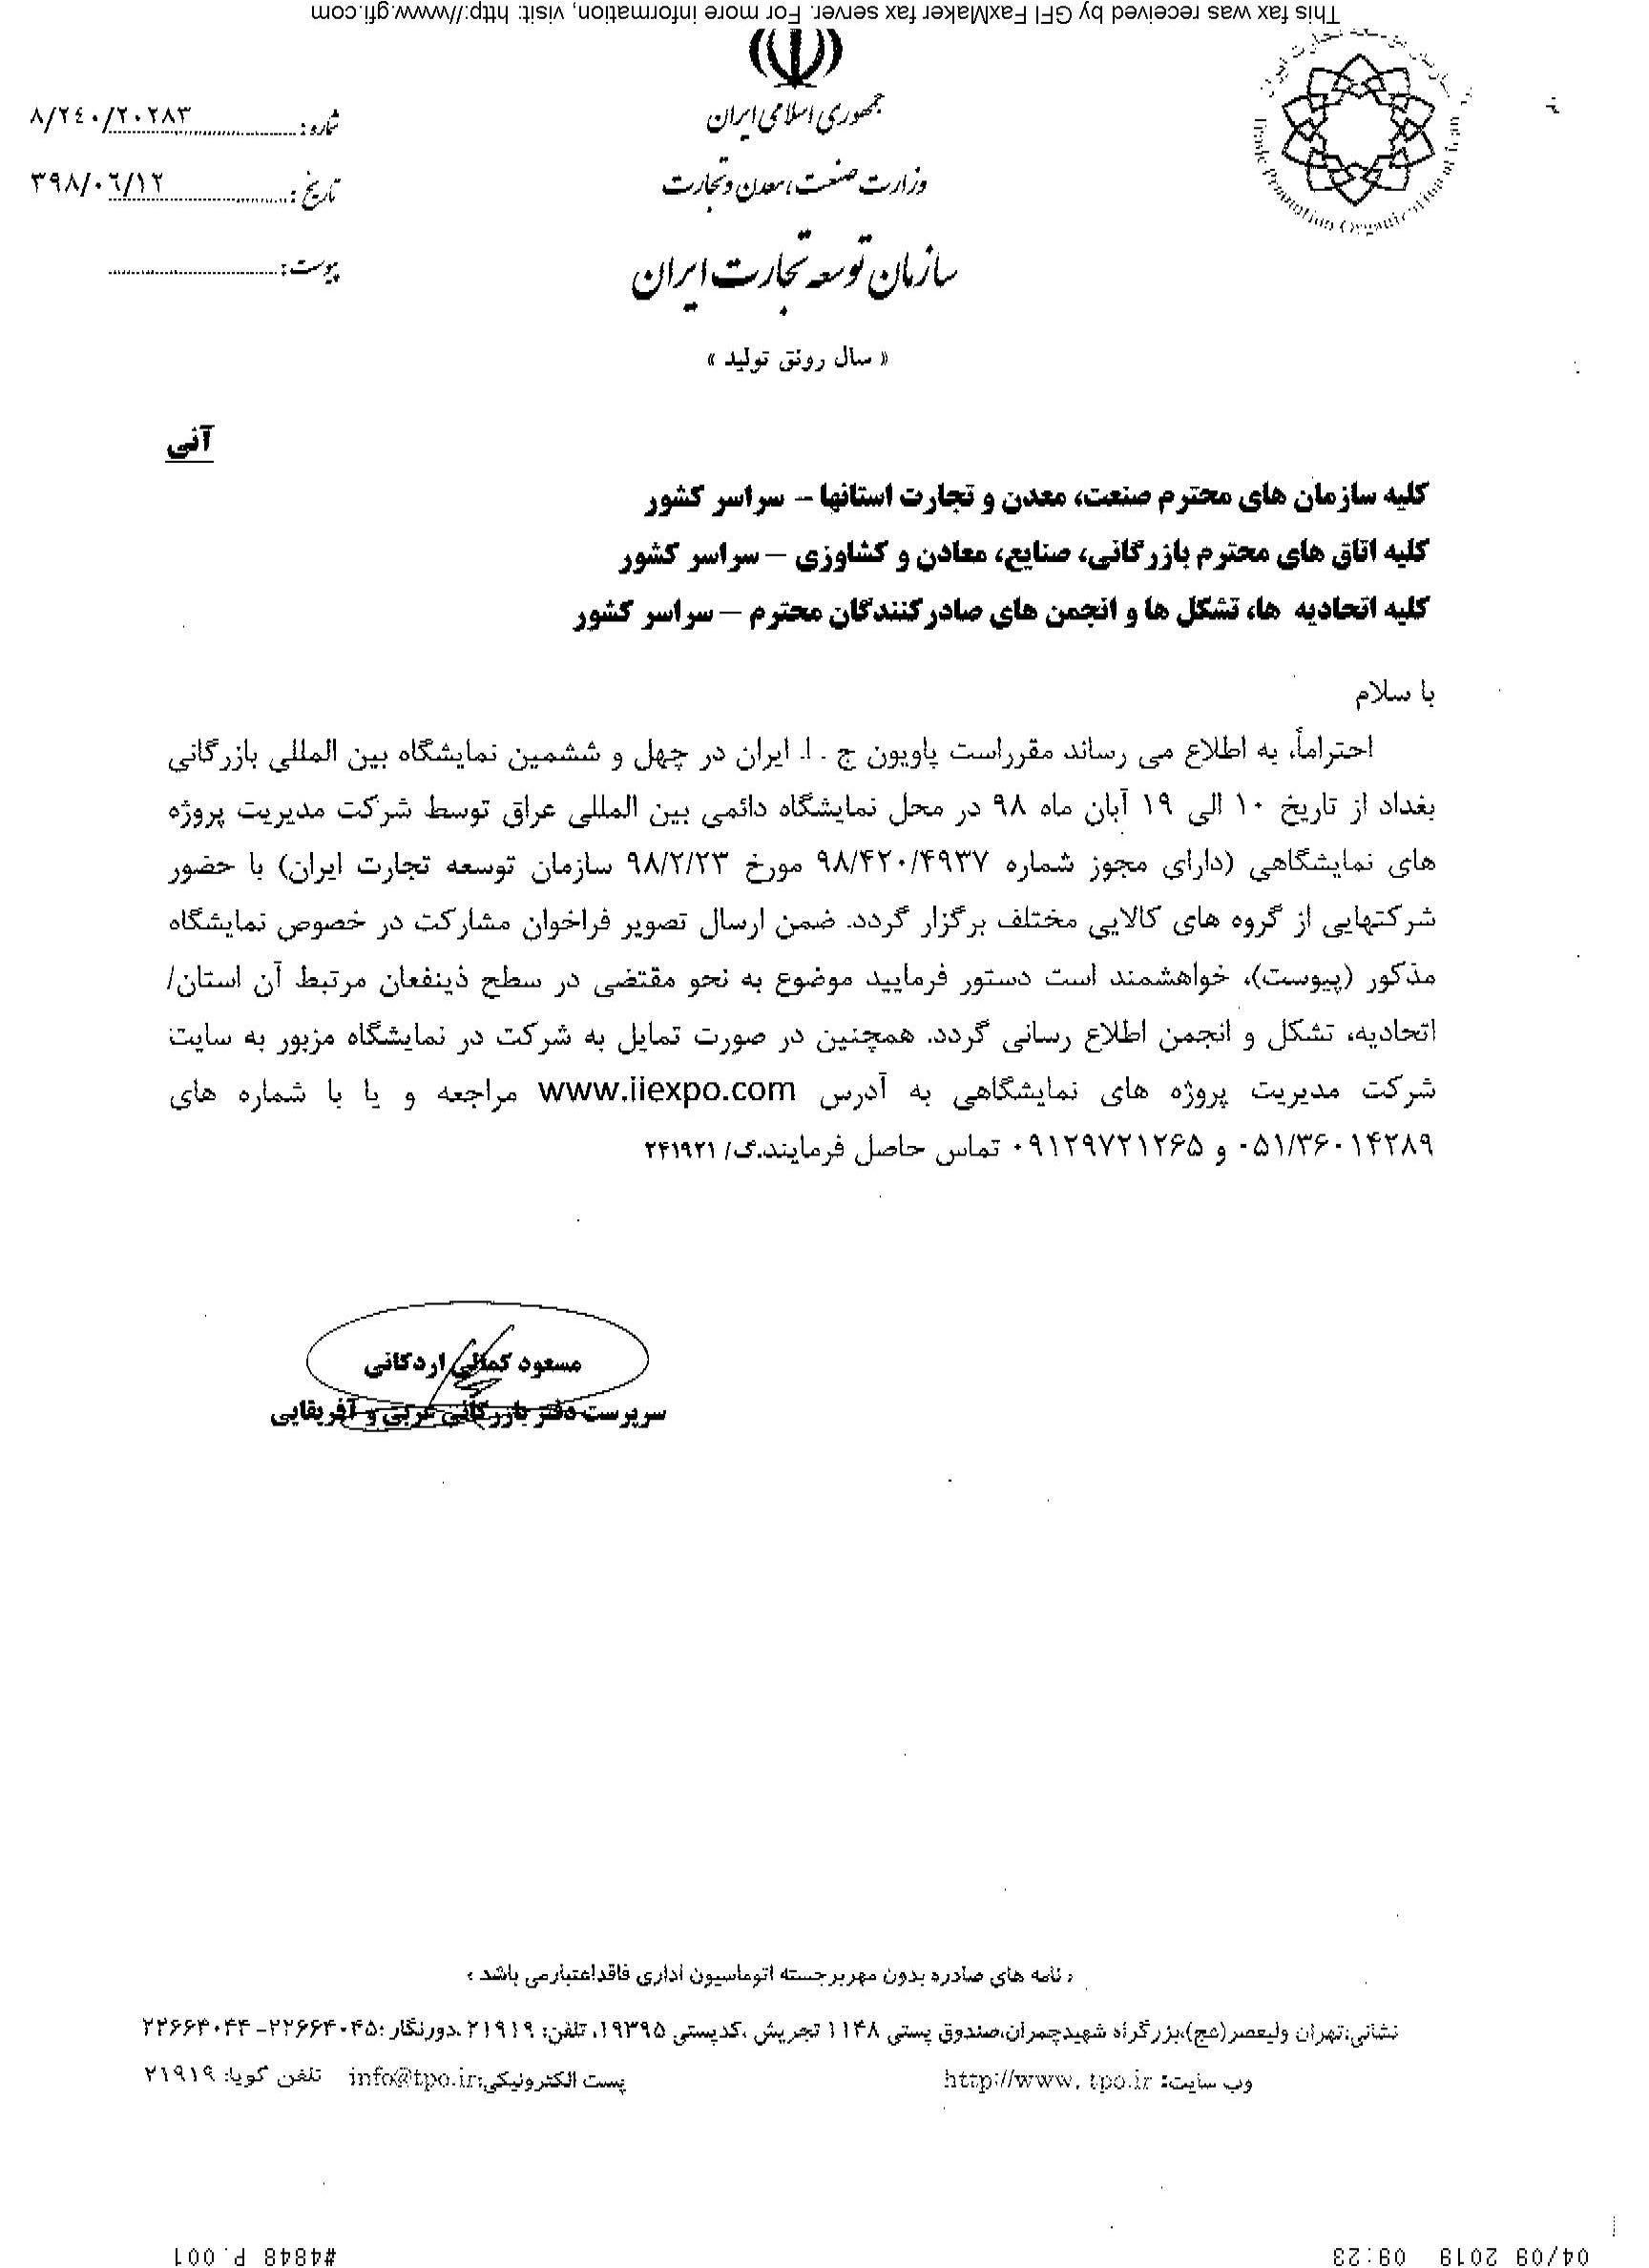 پاویون ج.ا.ایران در چهل و ششمین نمایشگاه بین المللی بغداد